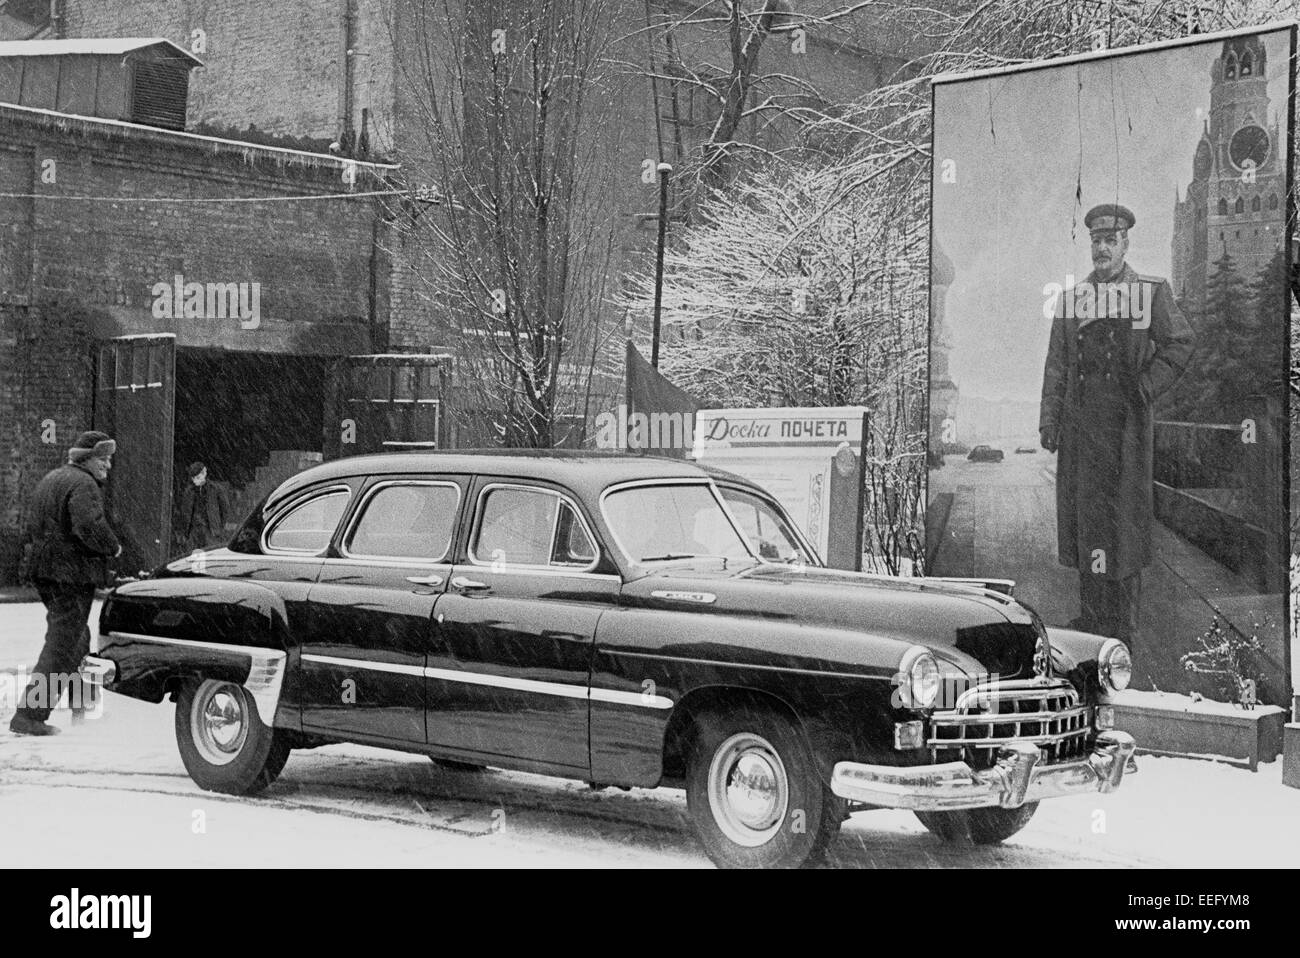 ZIM Auto stand in der Nähe ein Plakat mit einem Wert von Stalin. Militärischen Werft in Kiew. 1954. Stockfoto